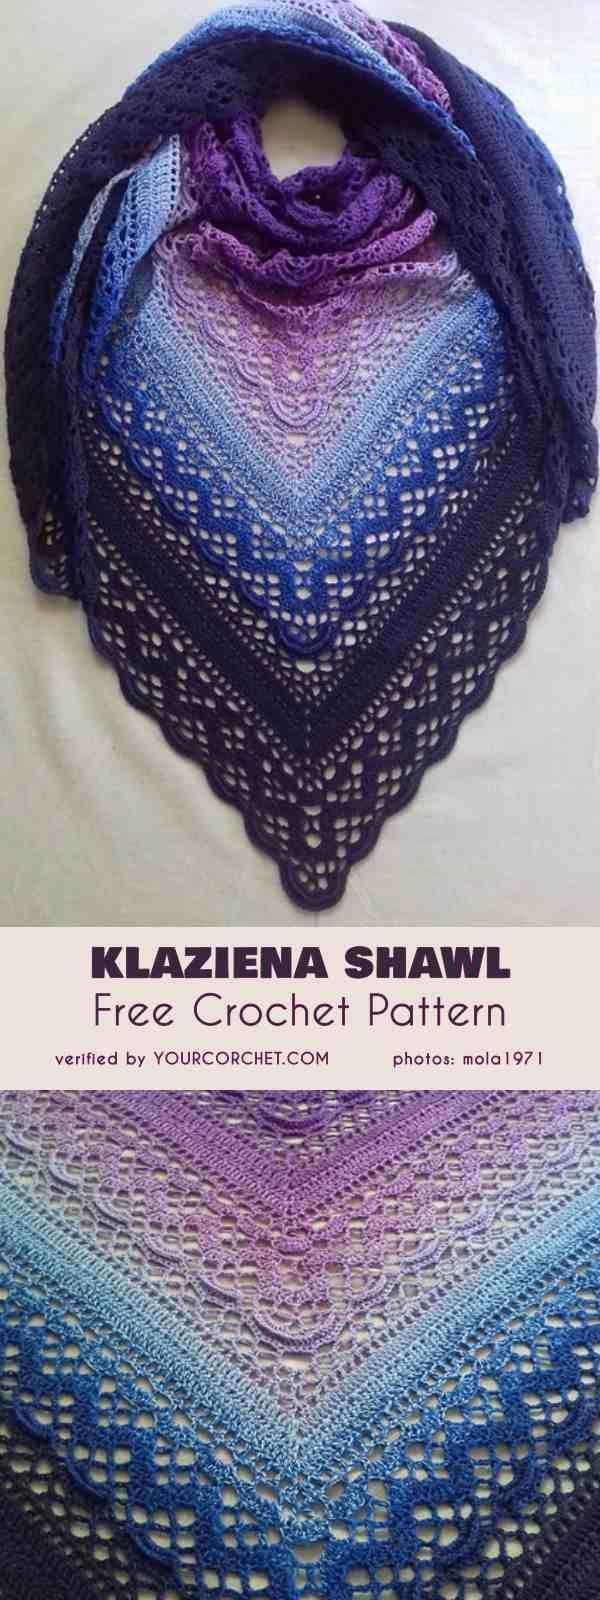 Klaziena Shawl Free Crochet Pattern - #Crochet #free #Klaziena #pattern #shawl